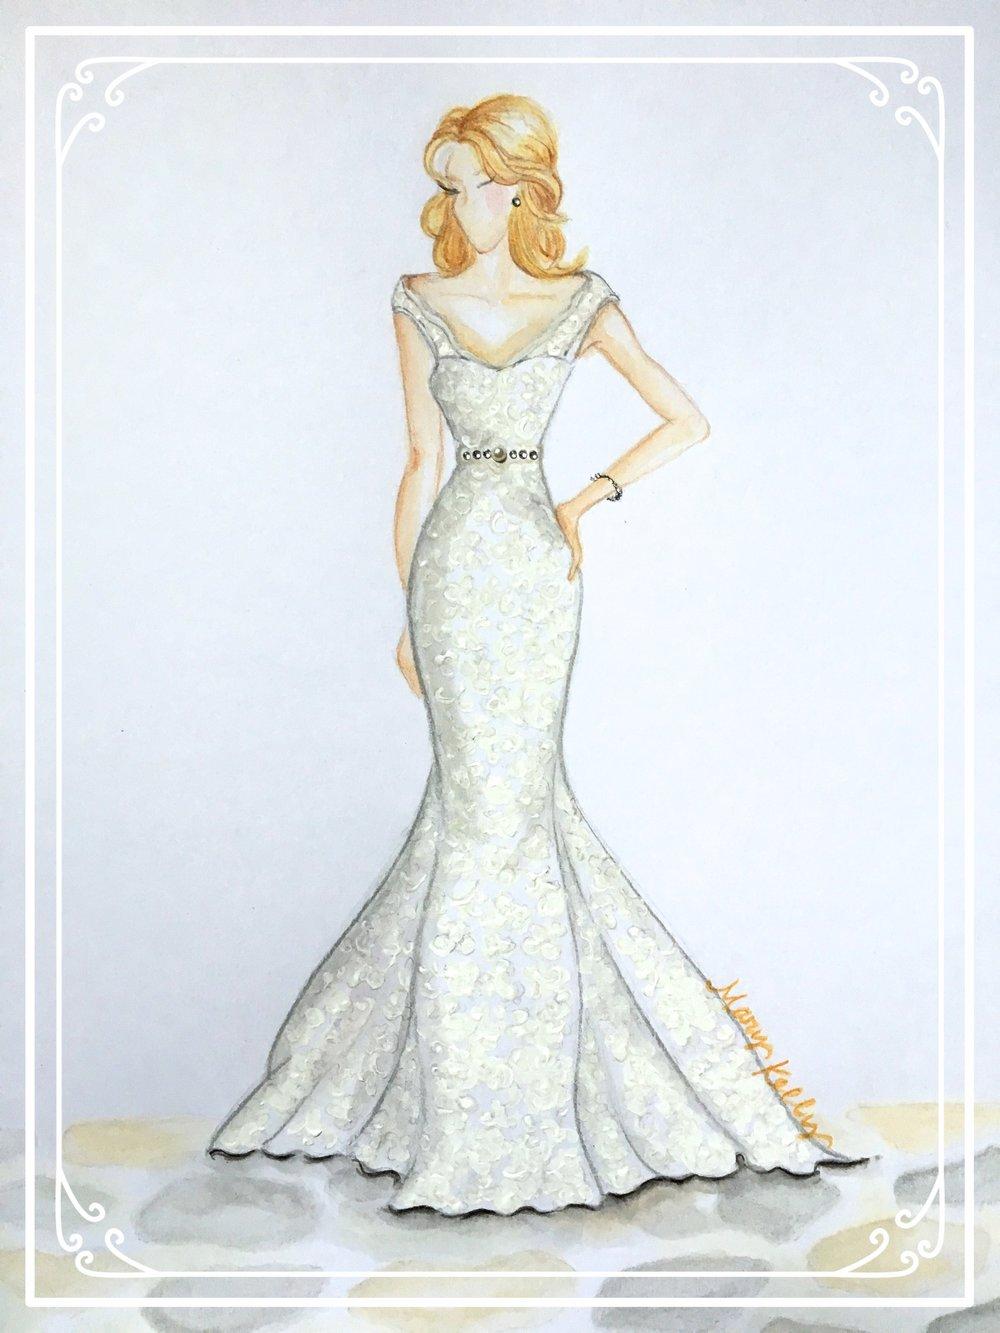 mermaid wedding gown, mary kelly designs © 2018